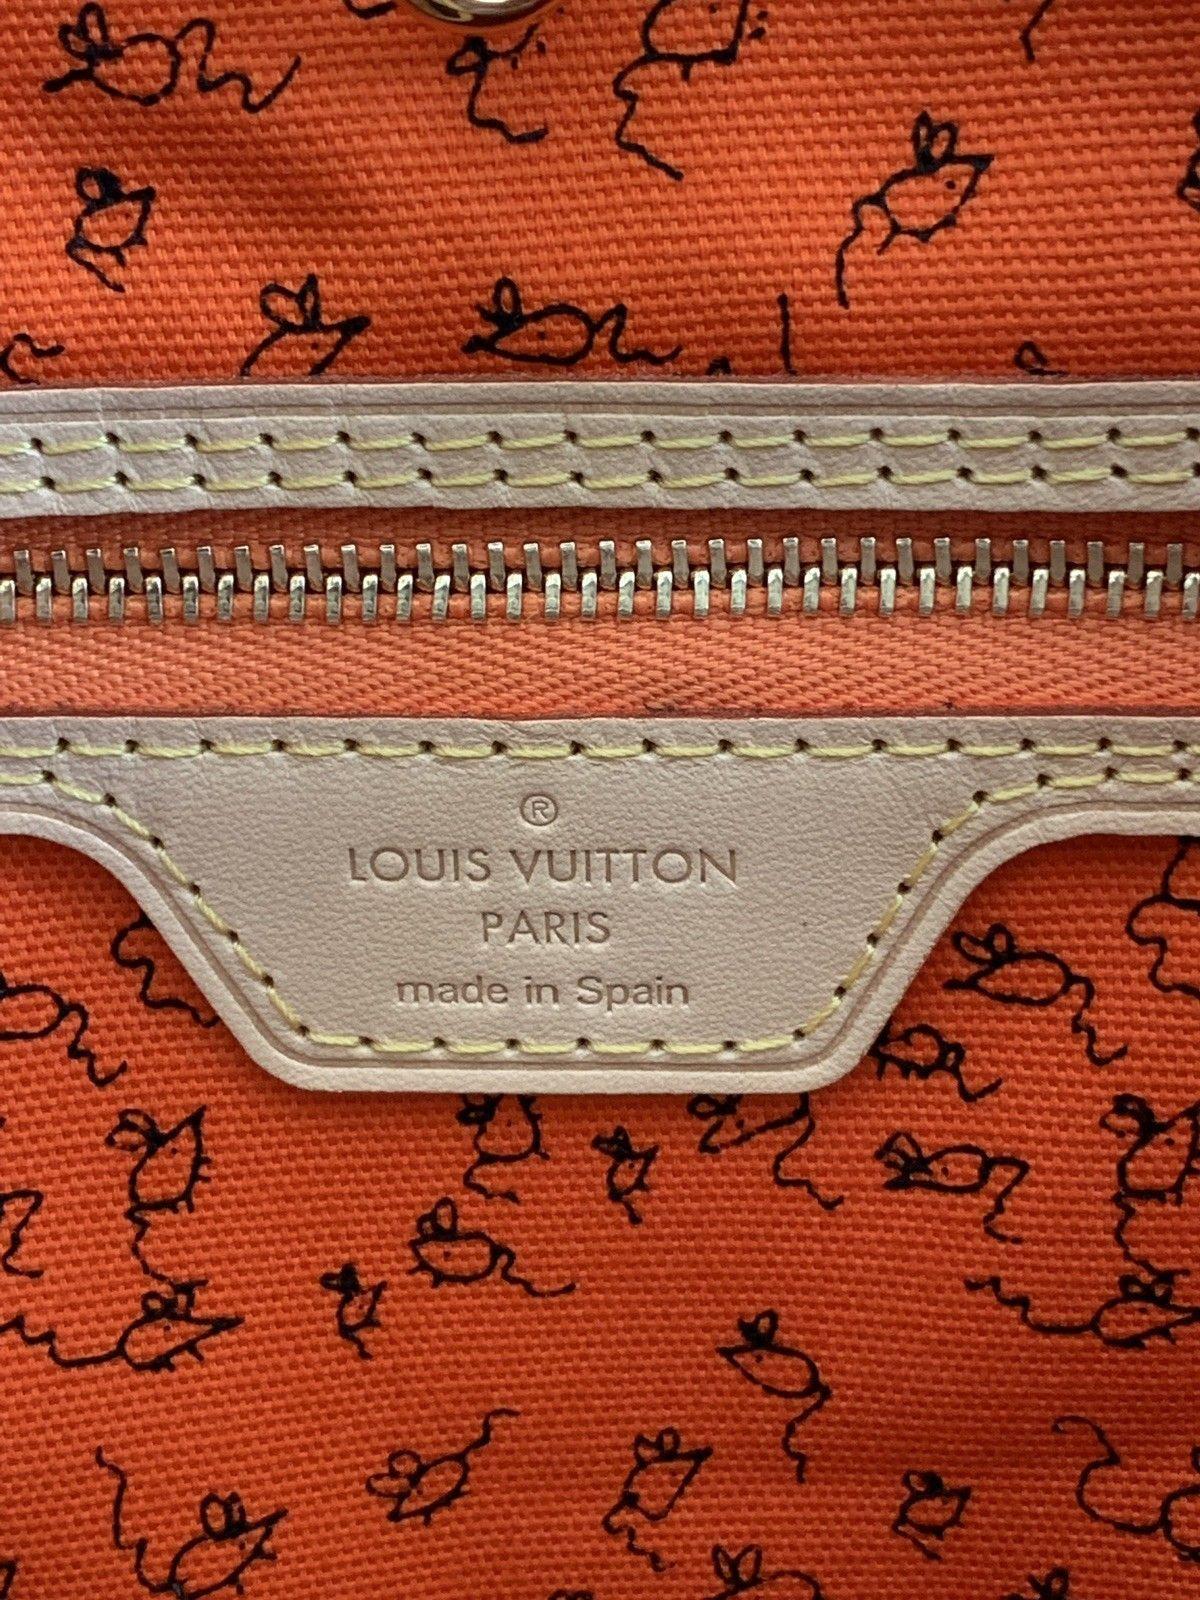 34783fdebcce5 Details about Authentic Louis Vuitton World Tour Limited Edition ...